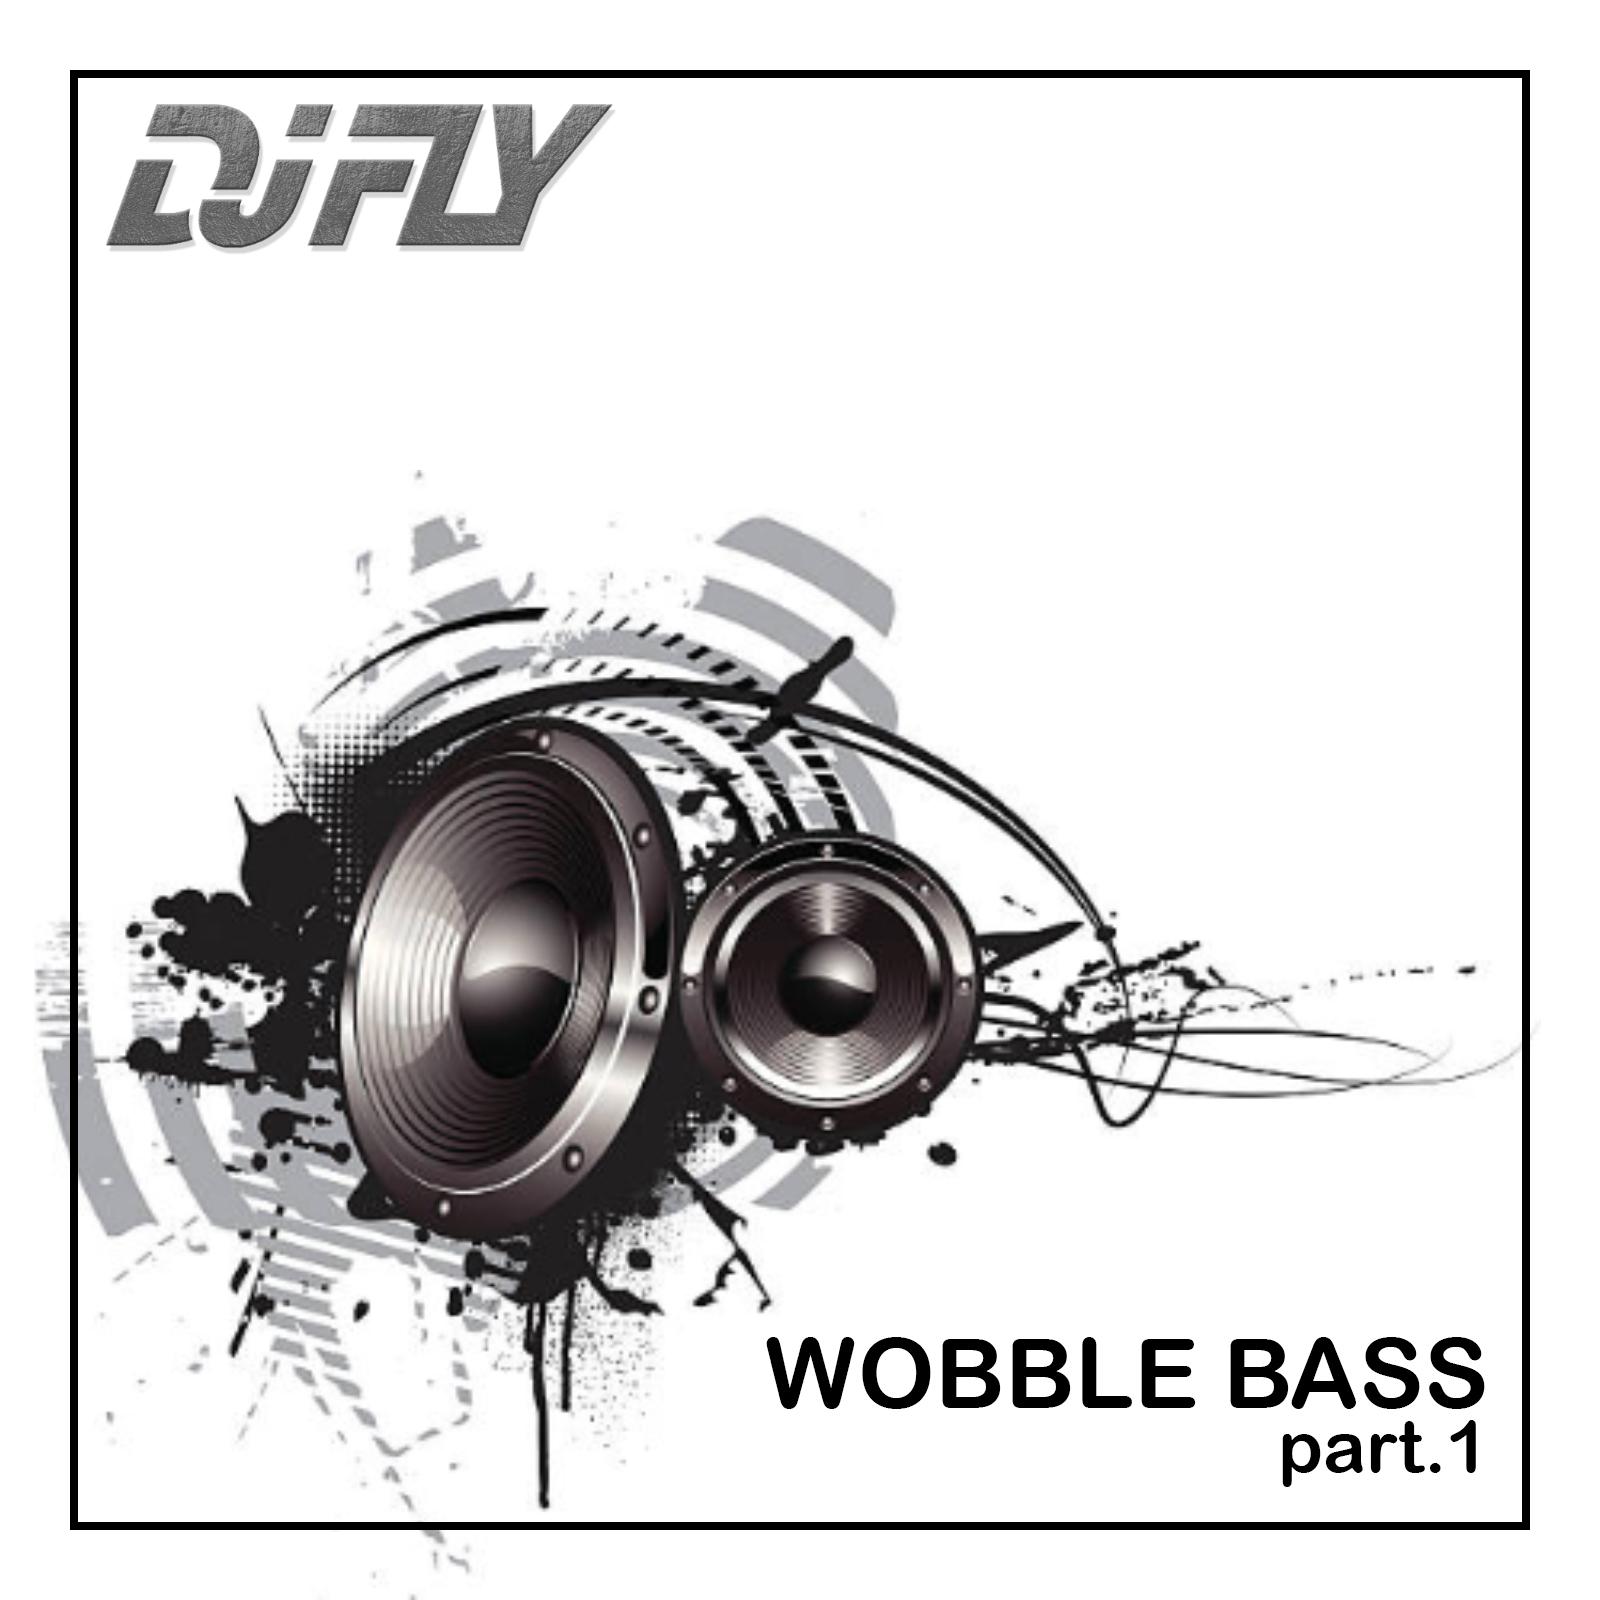 Wobble Bass 1